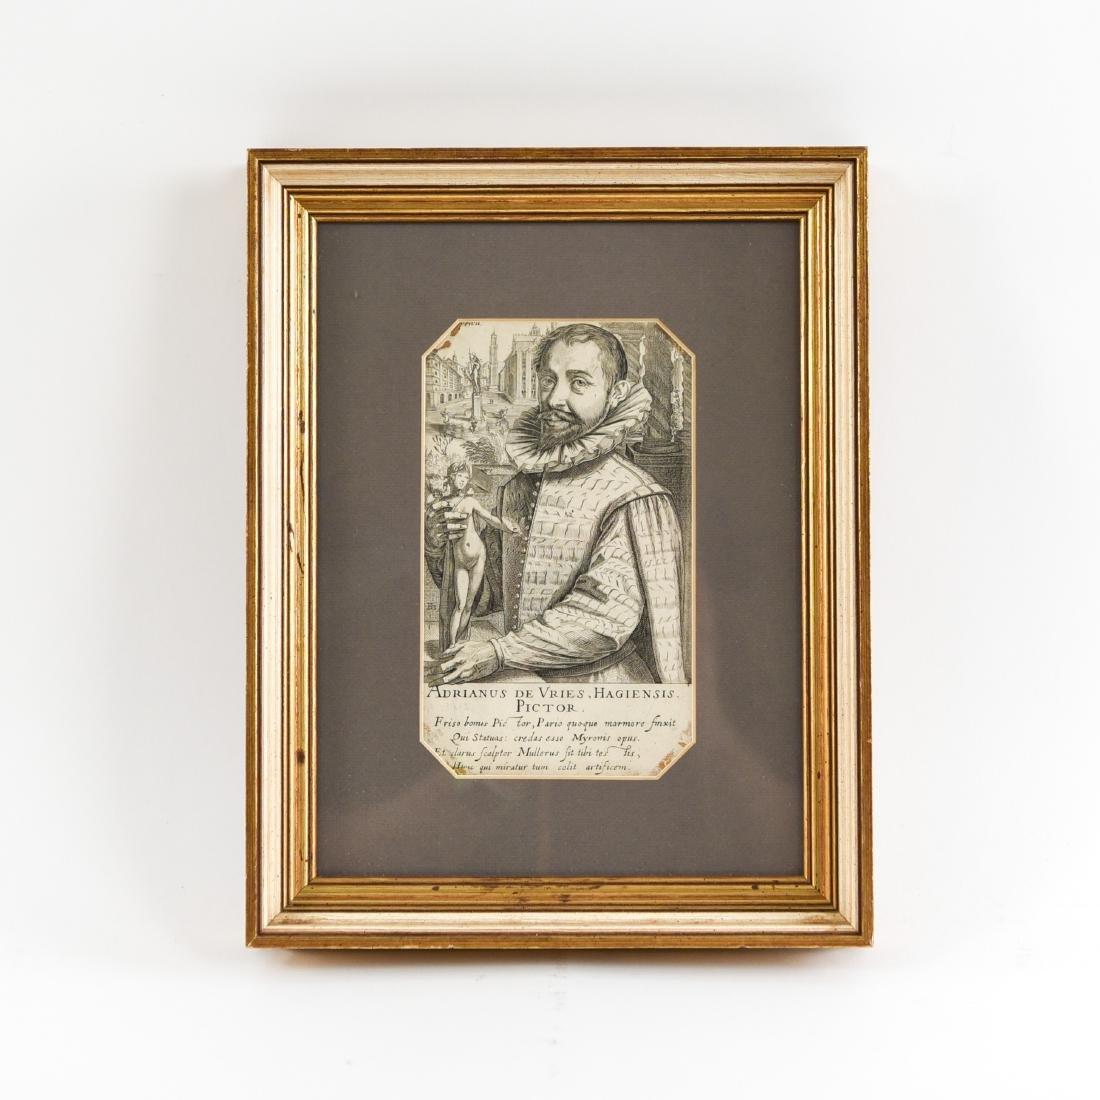 17TH C. ENGRAVING OF ADRIANUS DE VRIES